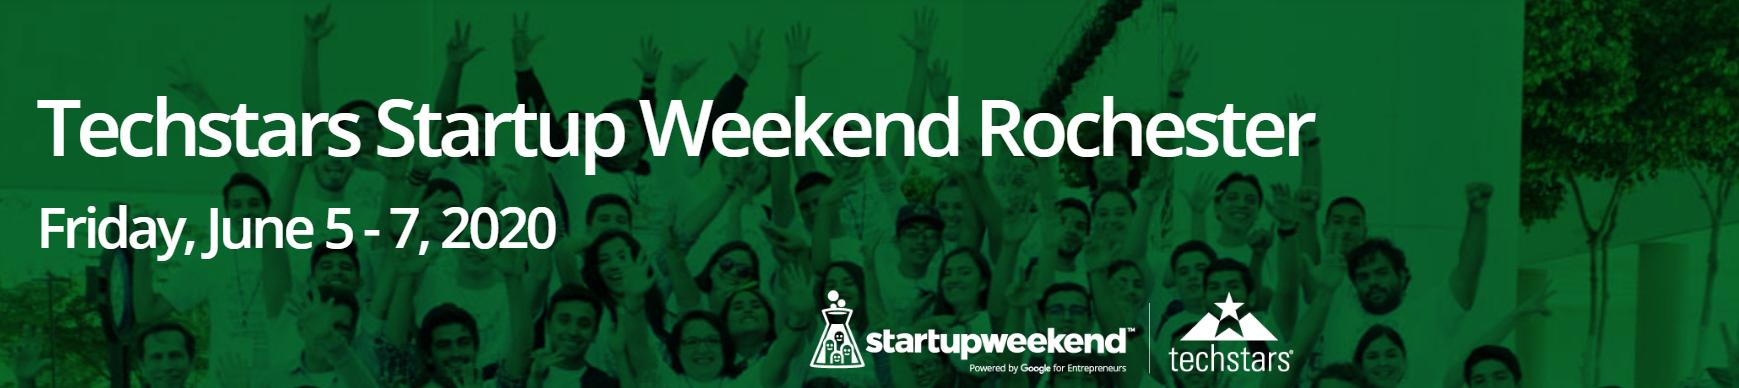 Techstars Startup Weekend Rochester